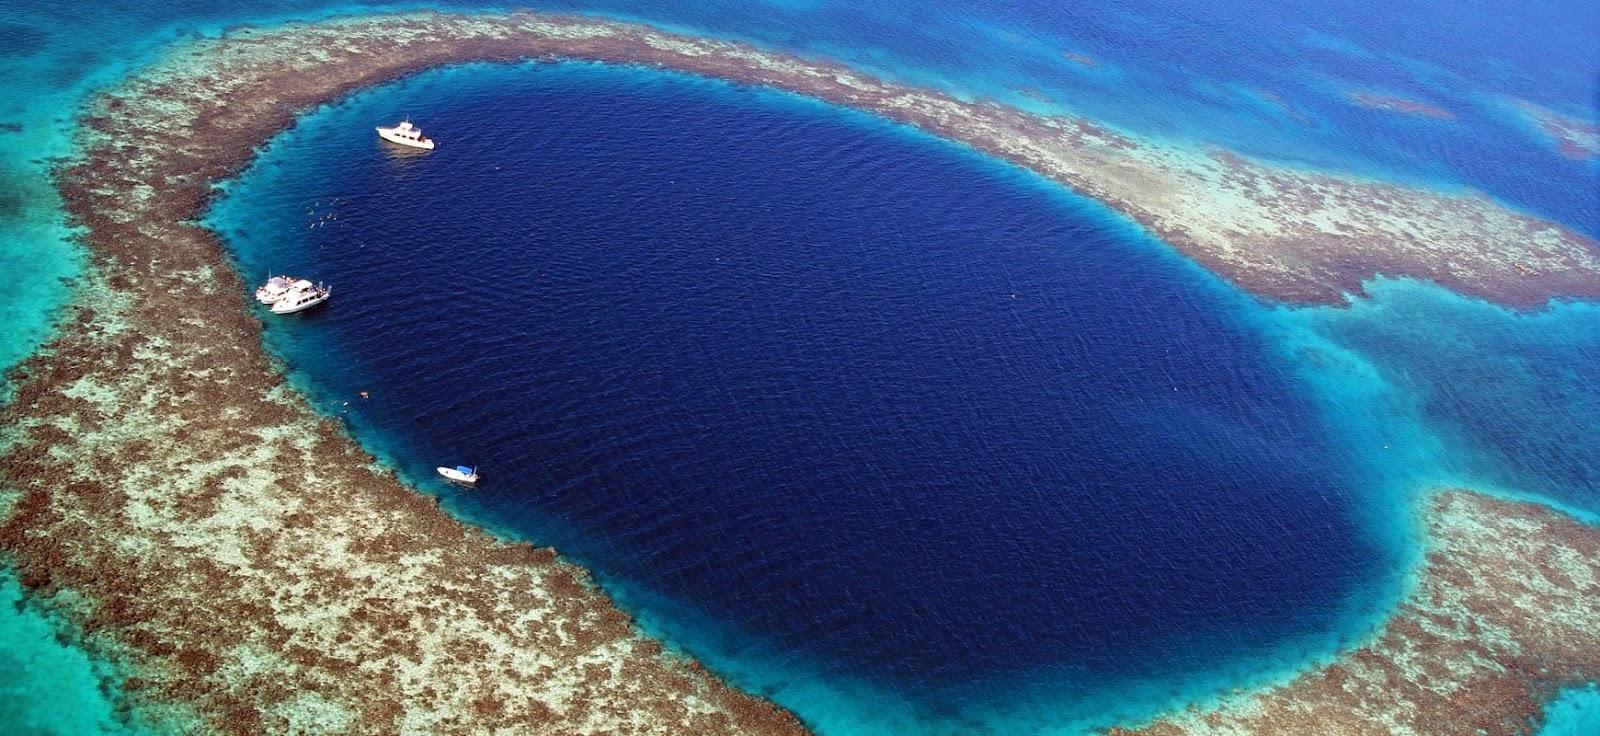 """Chiêm ngưỡng """"Hố xanh khổng lồ"""", một trong những bí ẩn lộng lẫy nhất thế giới - ảnh 1"""